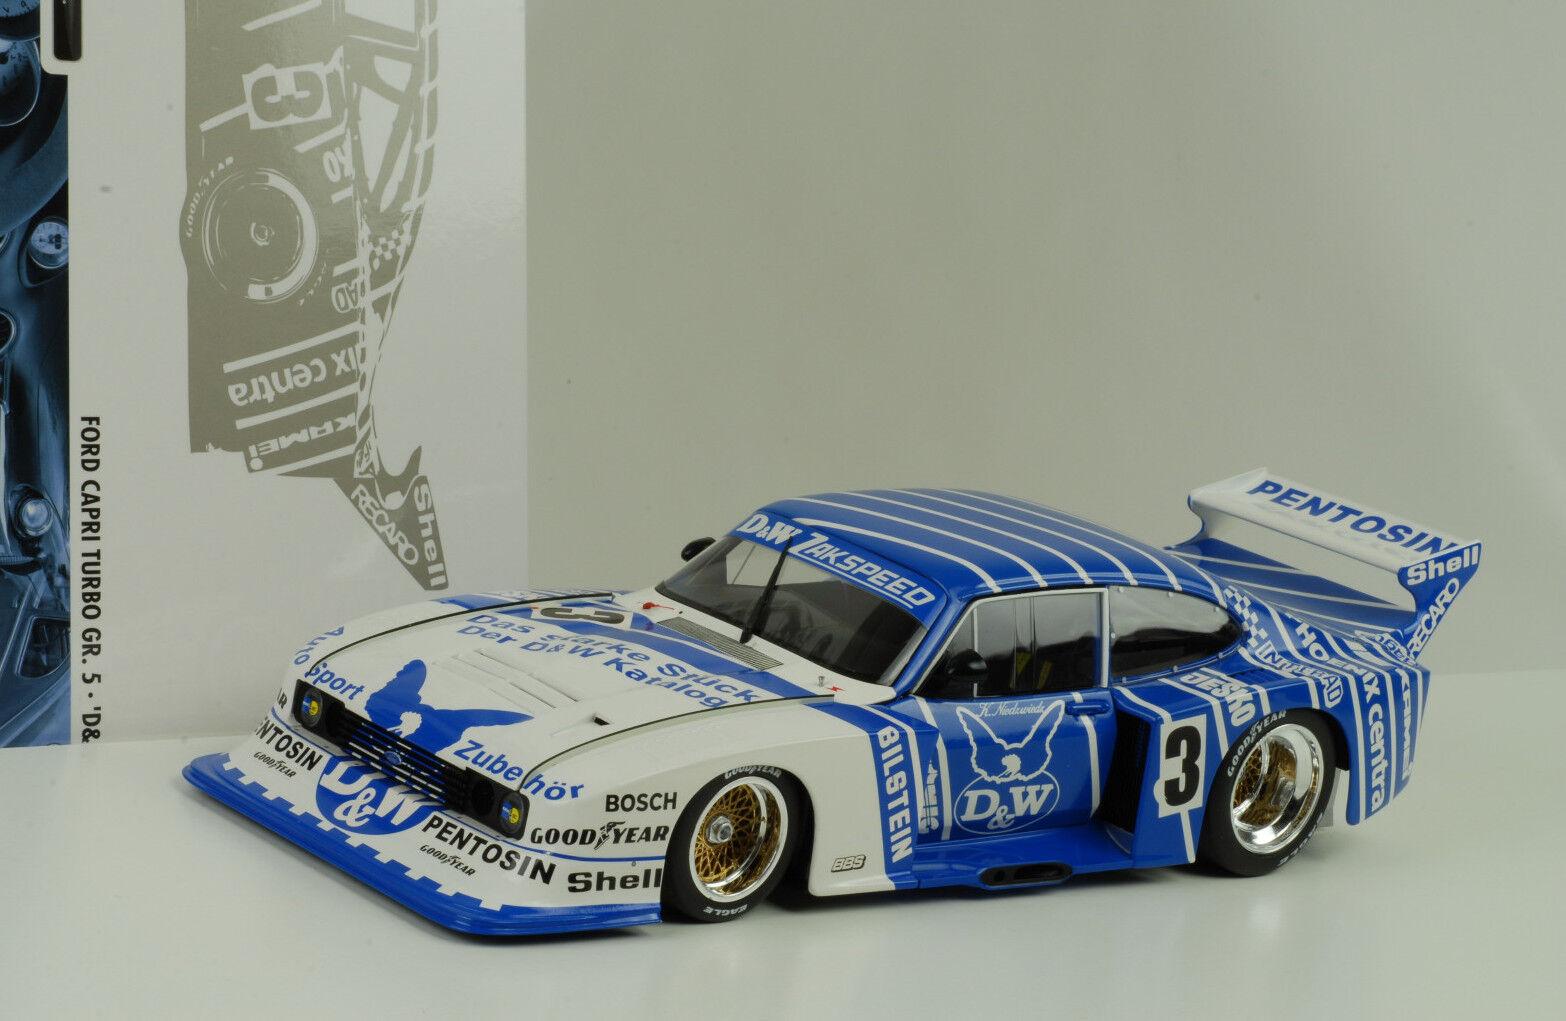 1982 Ford Capri Turbo Gr. 5 Drm D & W Klaus Niedzwiedz 1 18 Minichamps